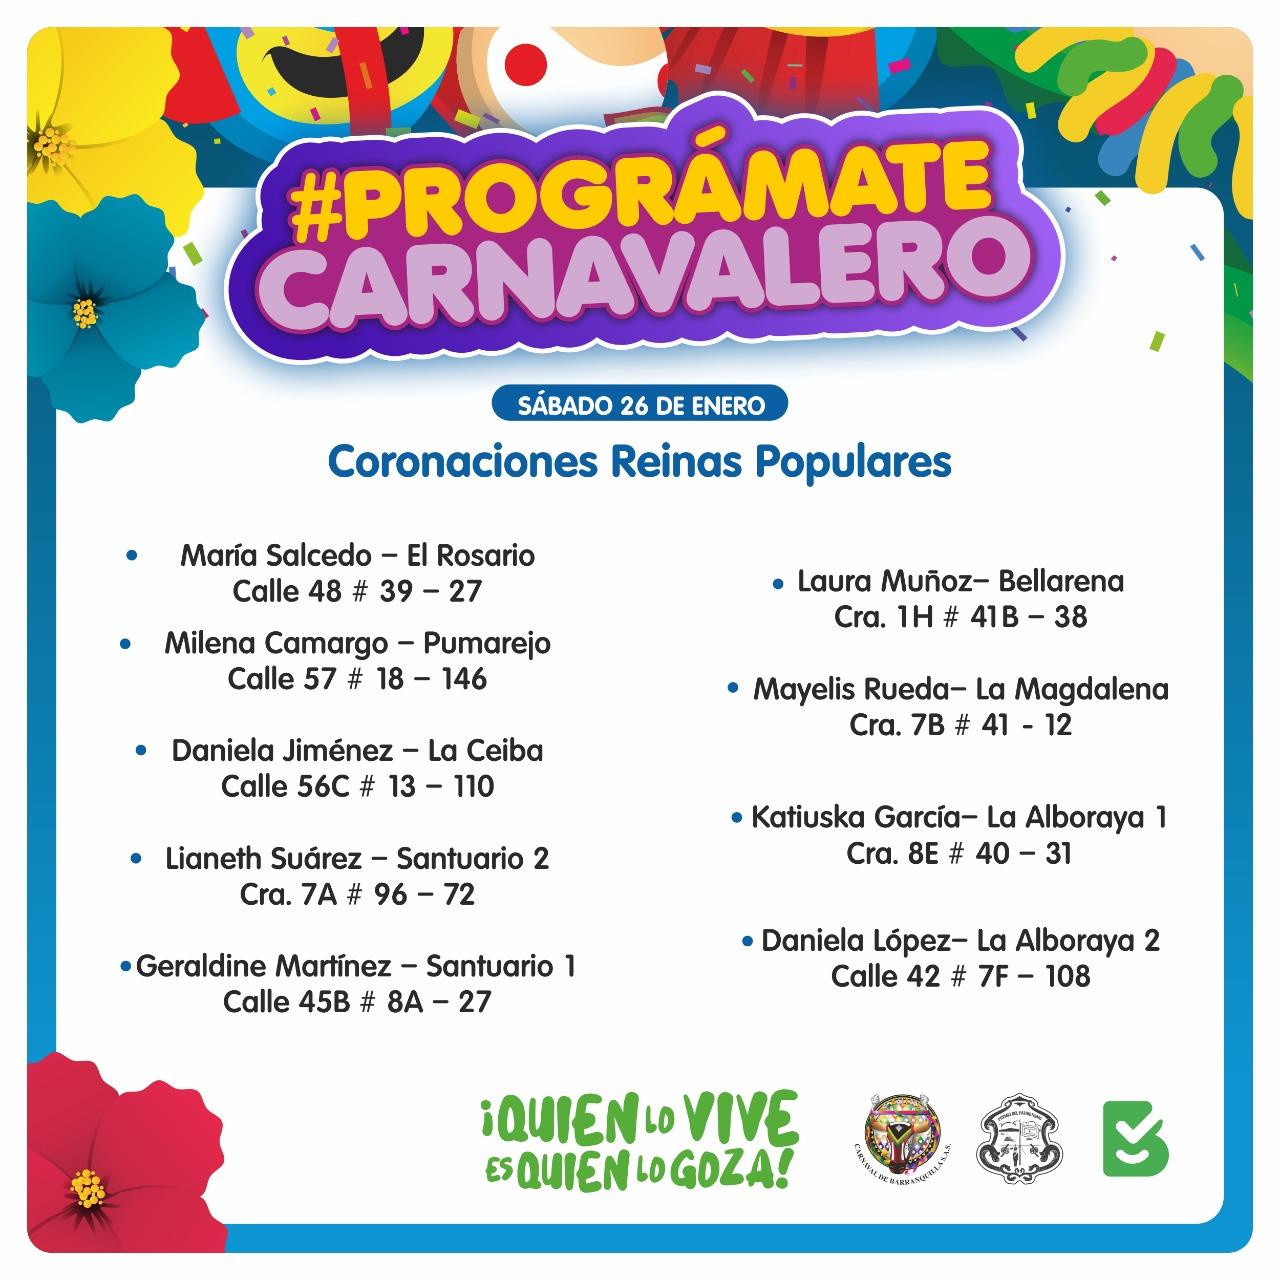 Fin de semana carnavalero con coronaciones de Reinas Populares e izadas de bandera